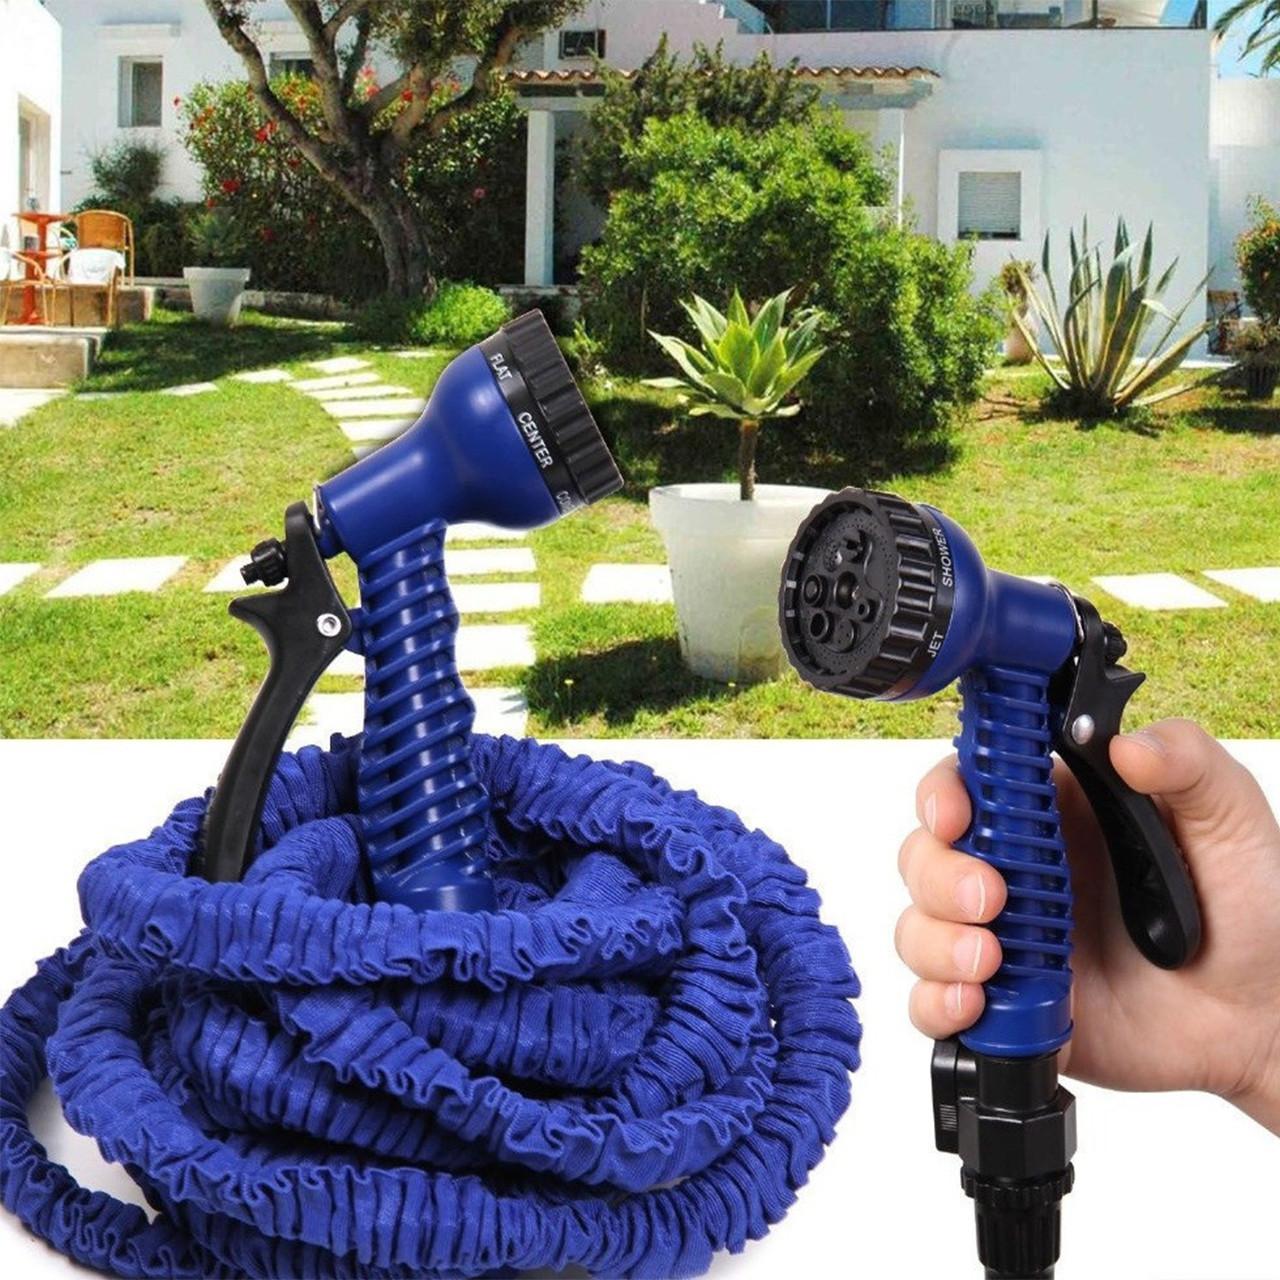 Шланг для полива растяжной Хhose 15 м Синий